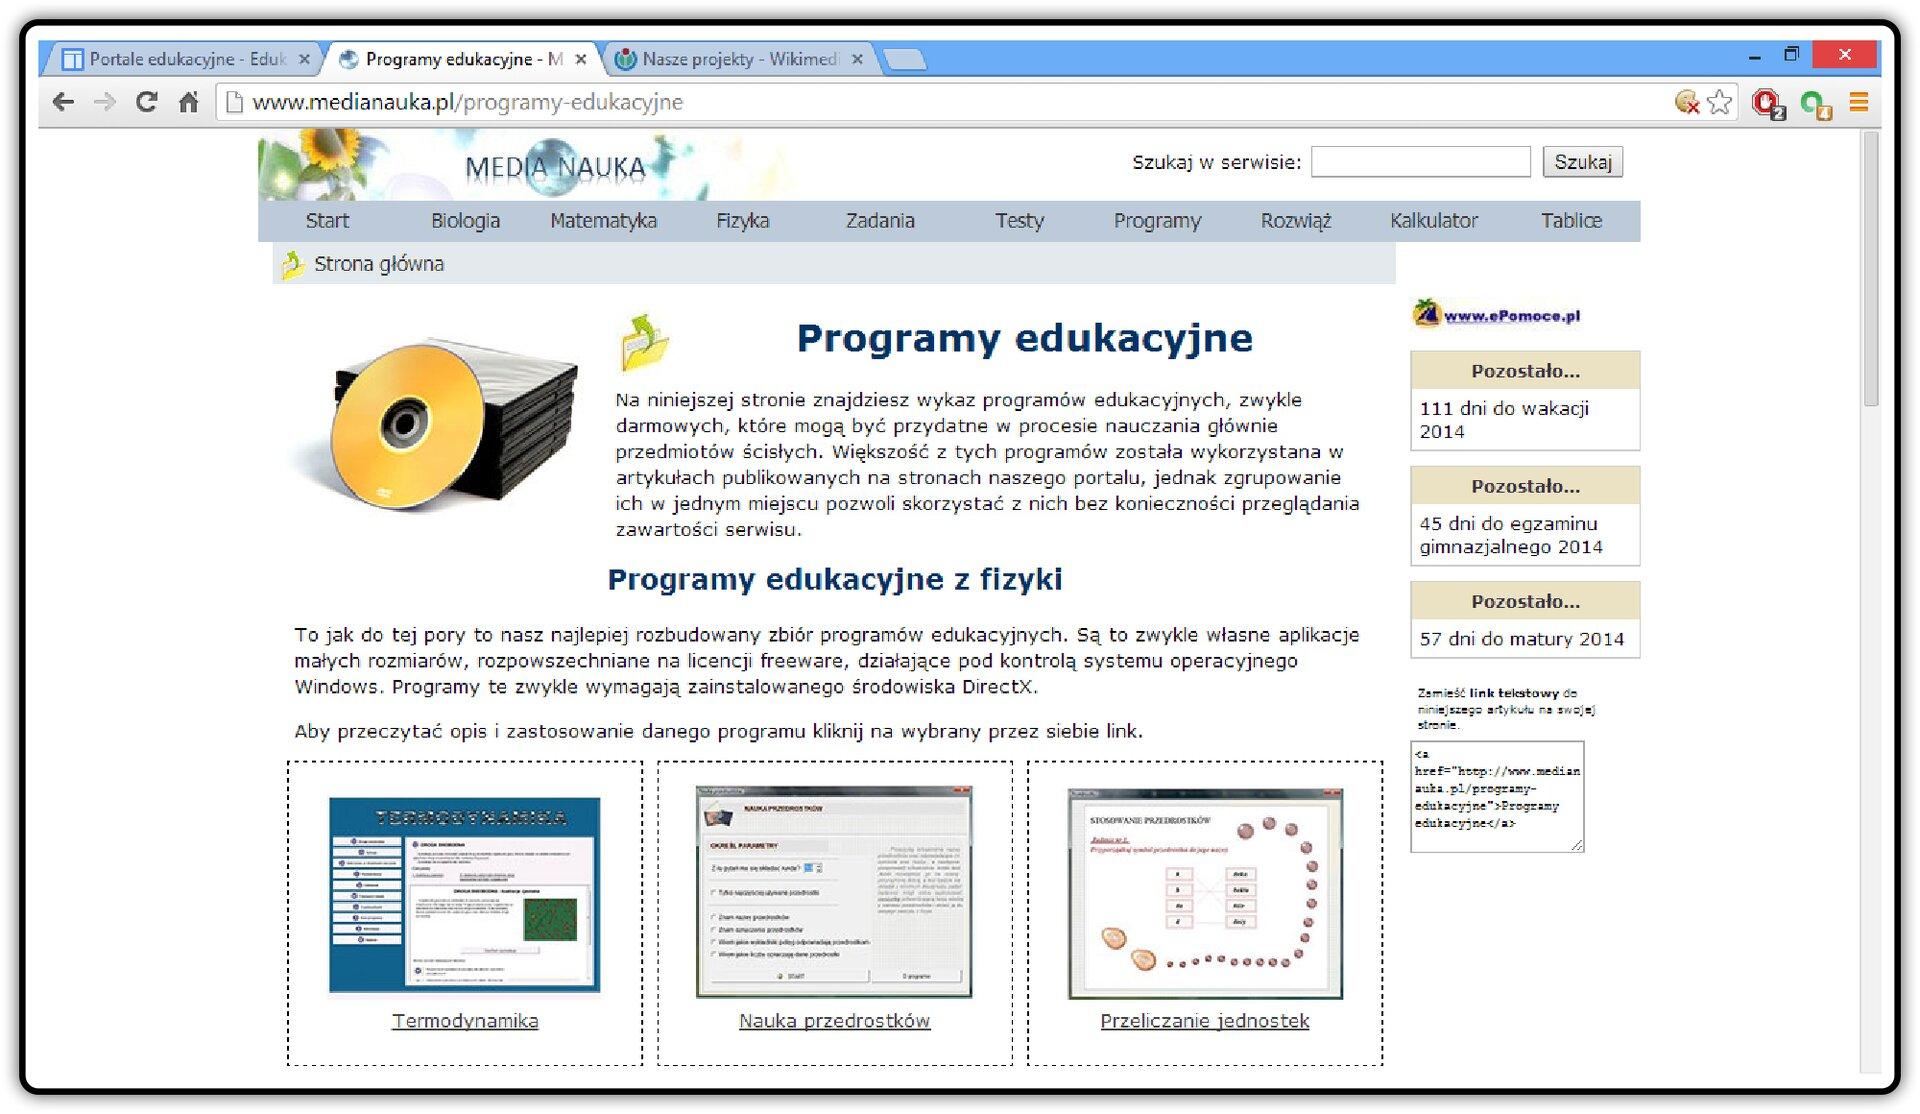 Zrzut okna strony http://www.medianauka.pl/